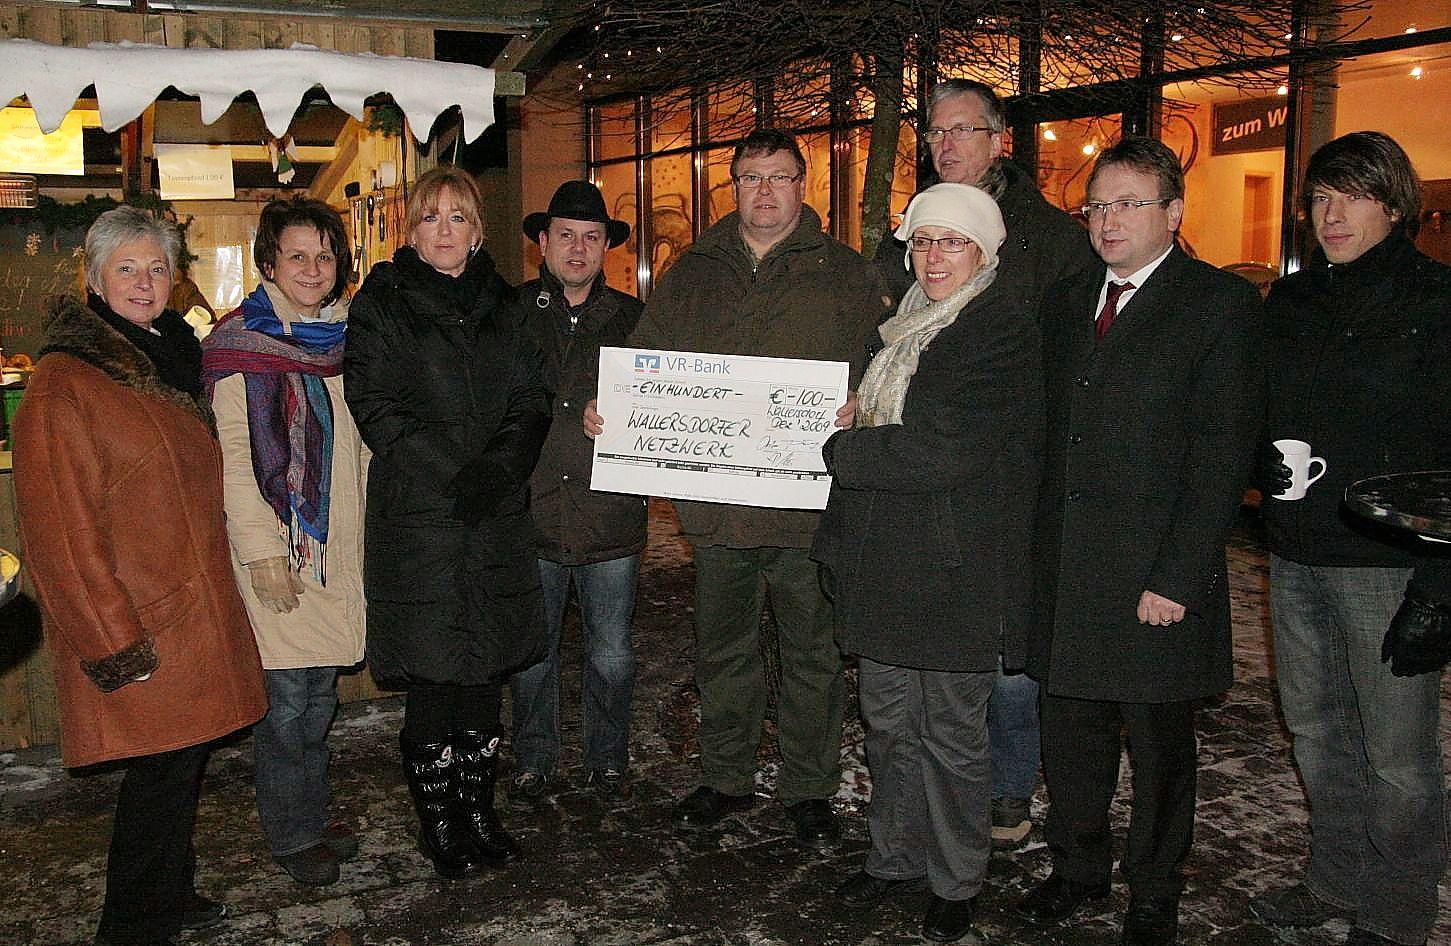 Gewerbeverein besuchte Glühweinstand